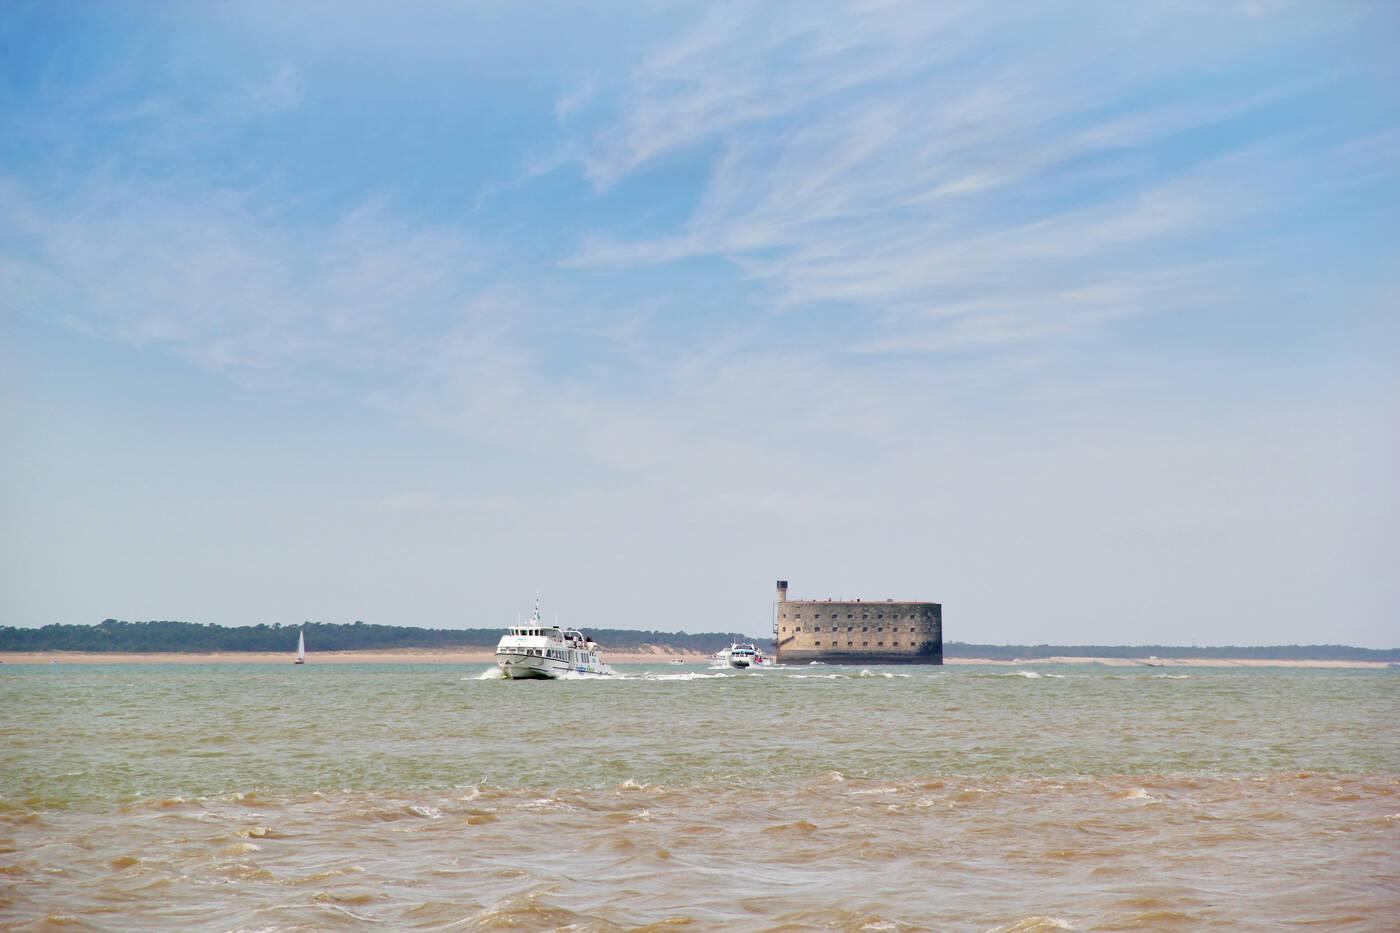 Le tour du fort boyard en bateau rochefort oc an office de tourisme de rochefort oc an - Office du tourisme rochefort sur mer ...